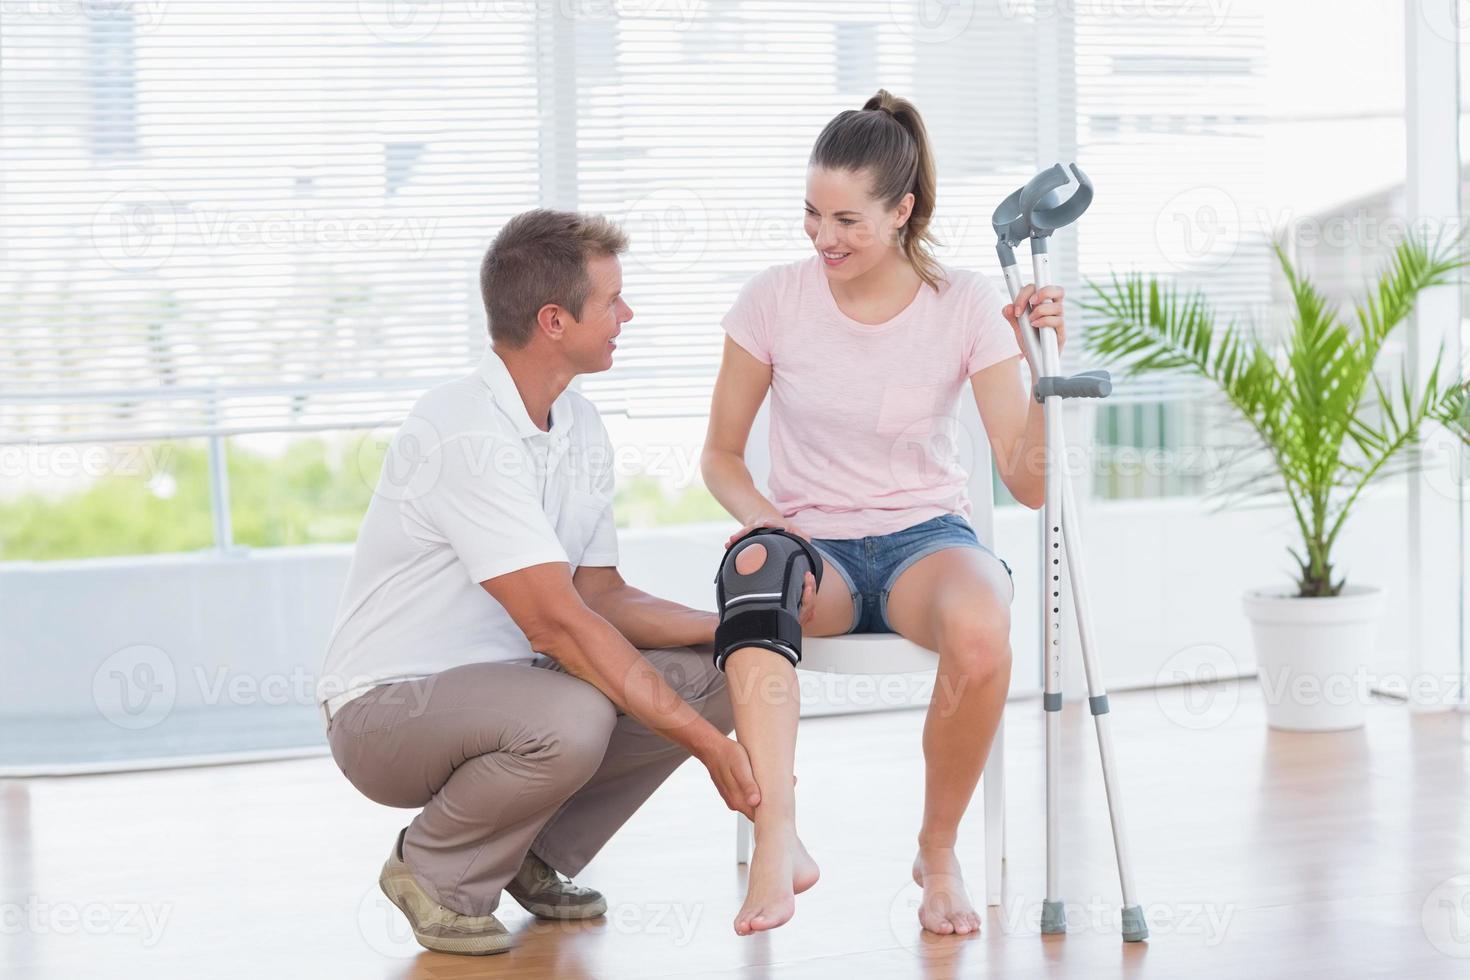 médico examinando su rodilla paciente foto